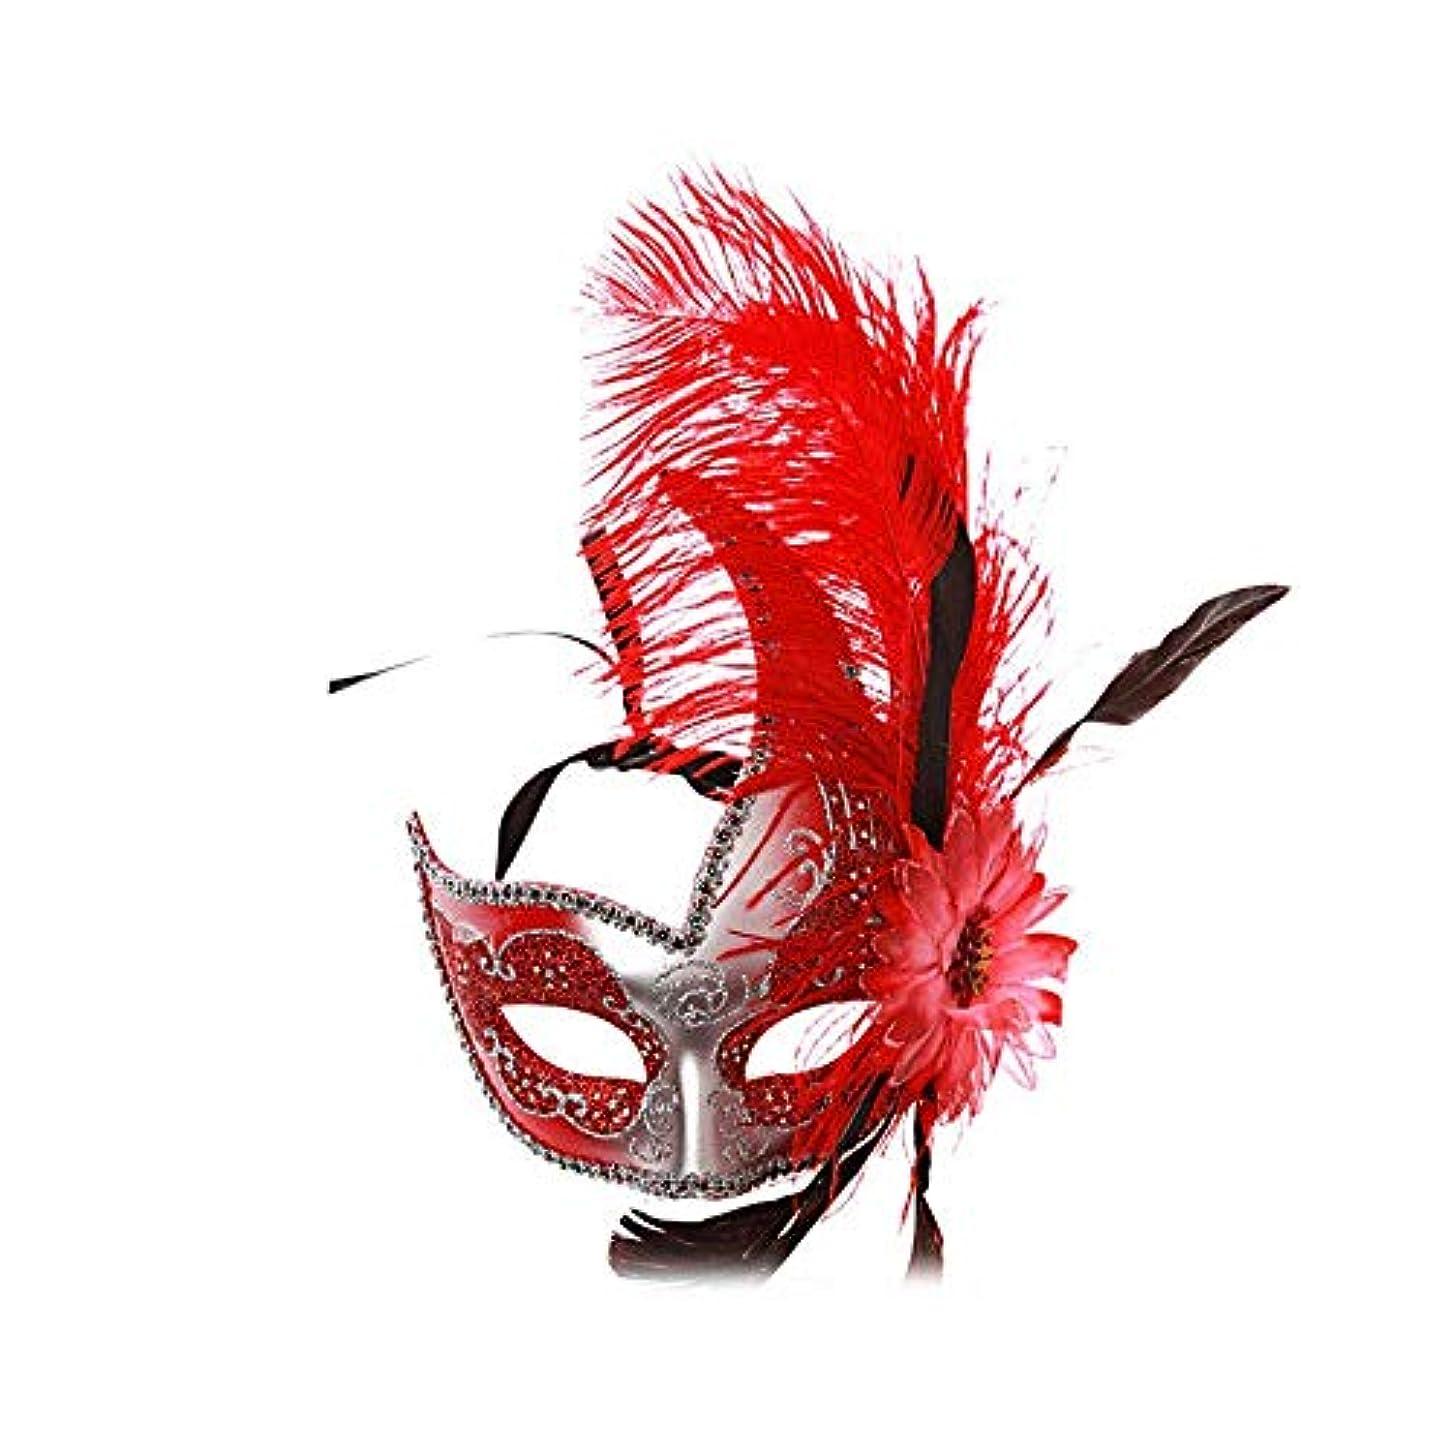 役に立たない兄挑むNanle ハロウィンマスクハーフフェザーマスクベニスプリンセスマスク美容レース仮面ライダーコスプレ (色 : Style B red)